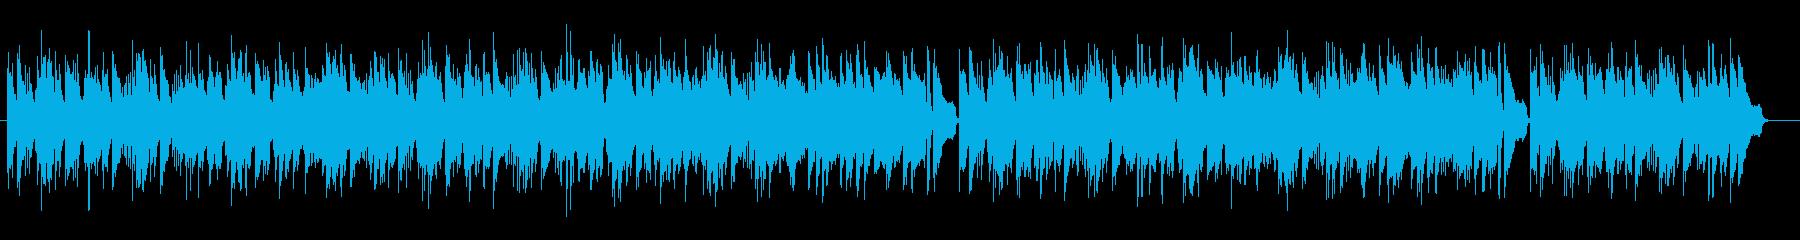 ジャジーでスタイリッシュな洗練された曲の再生済みの波形